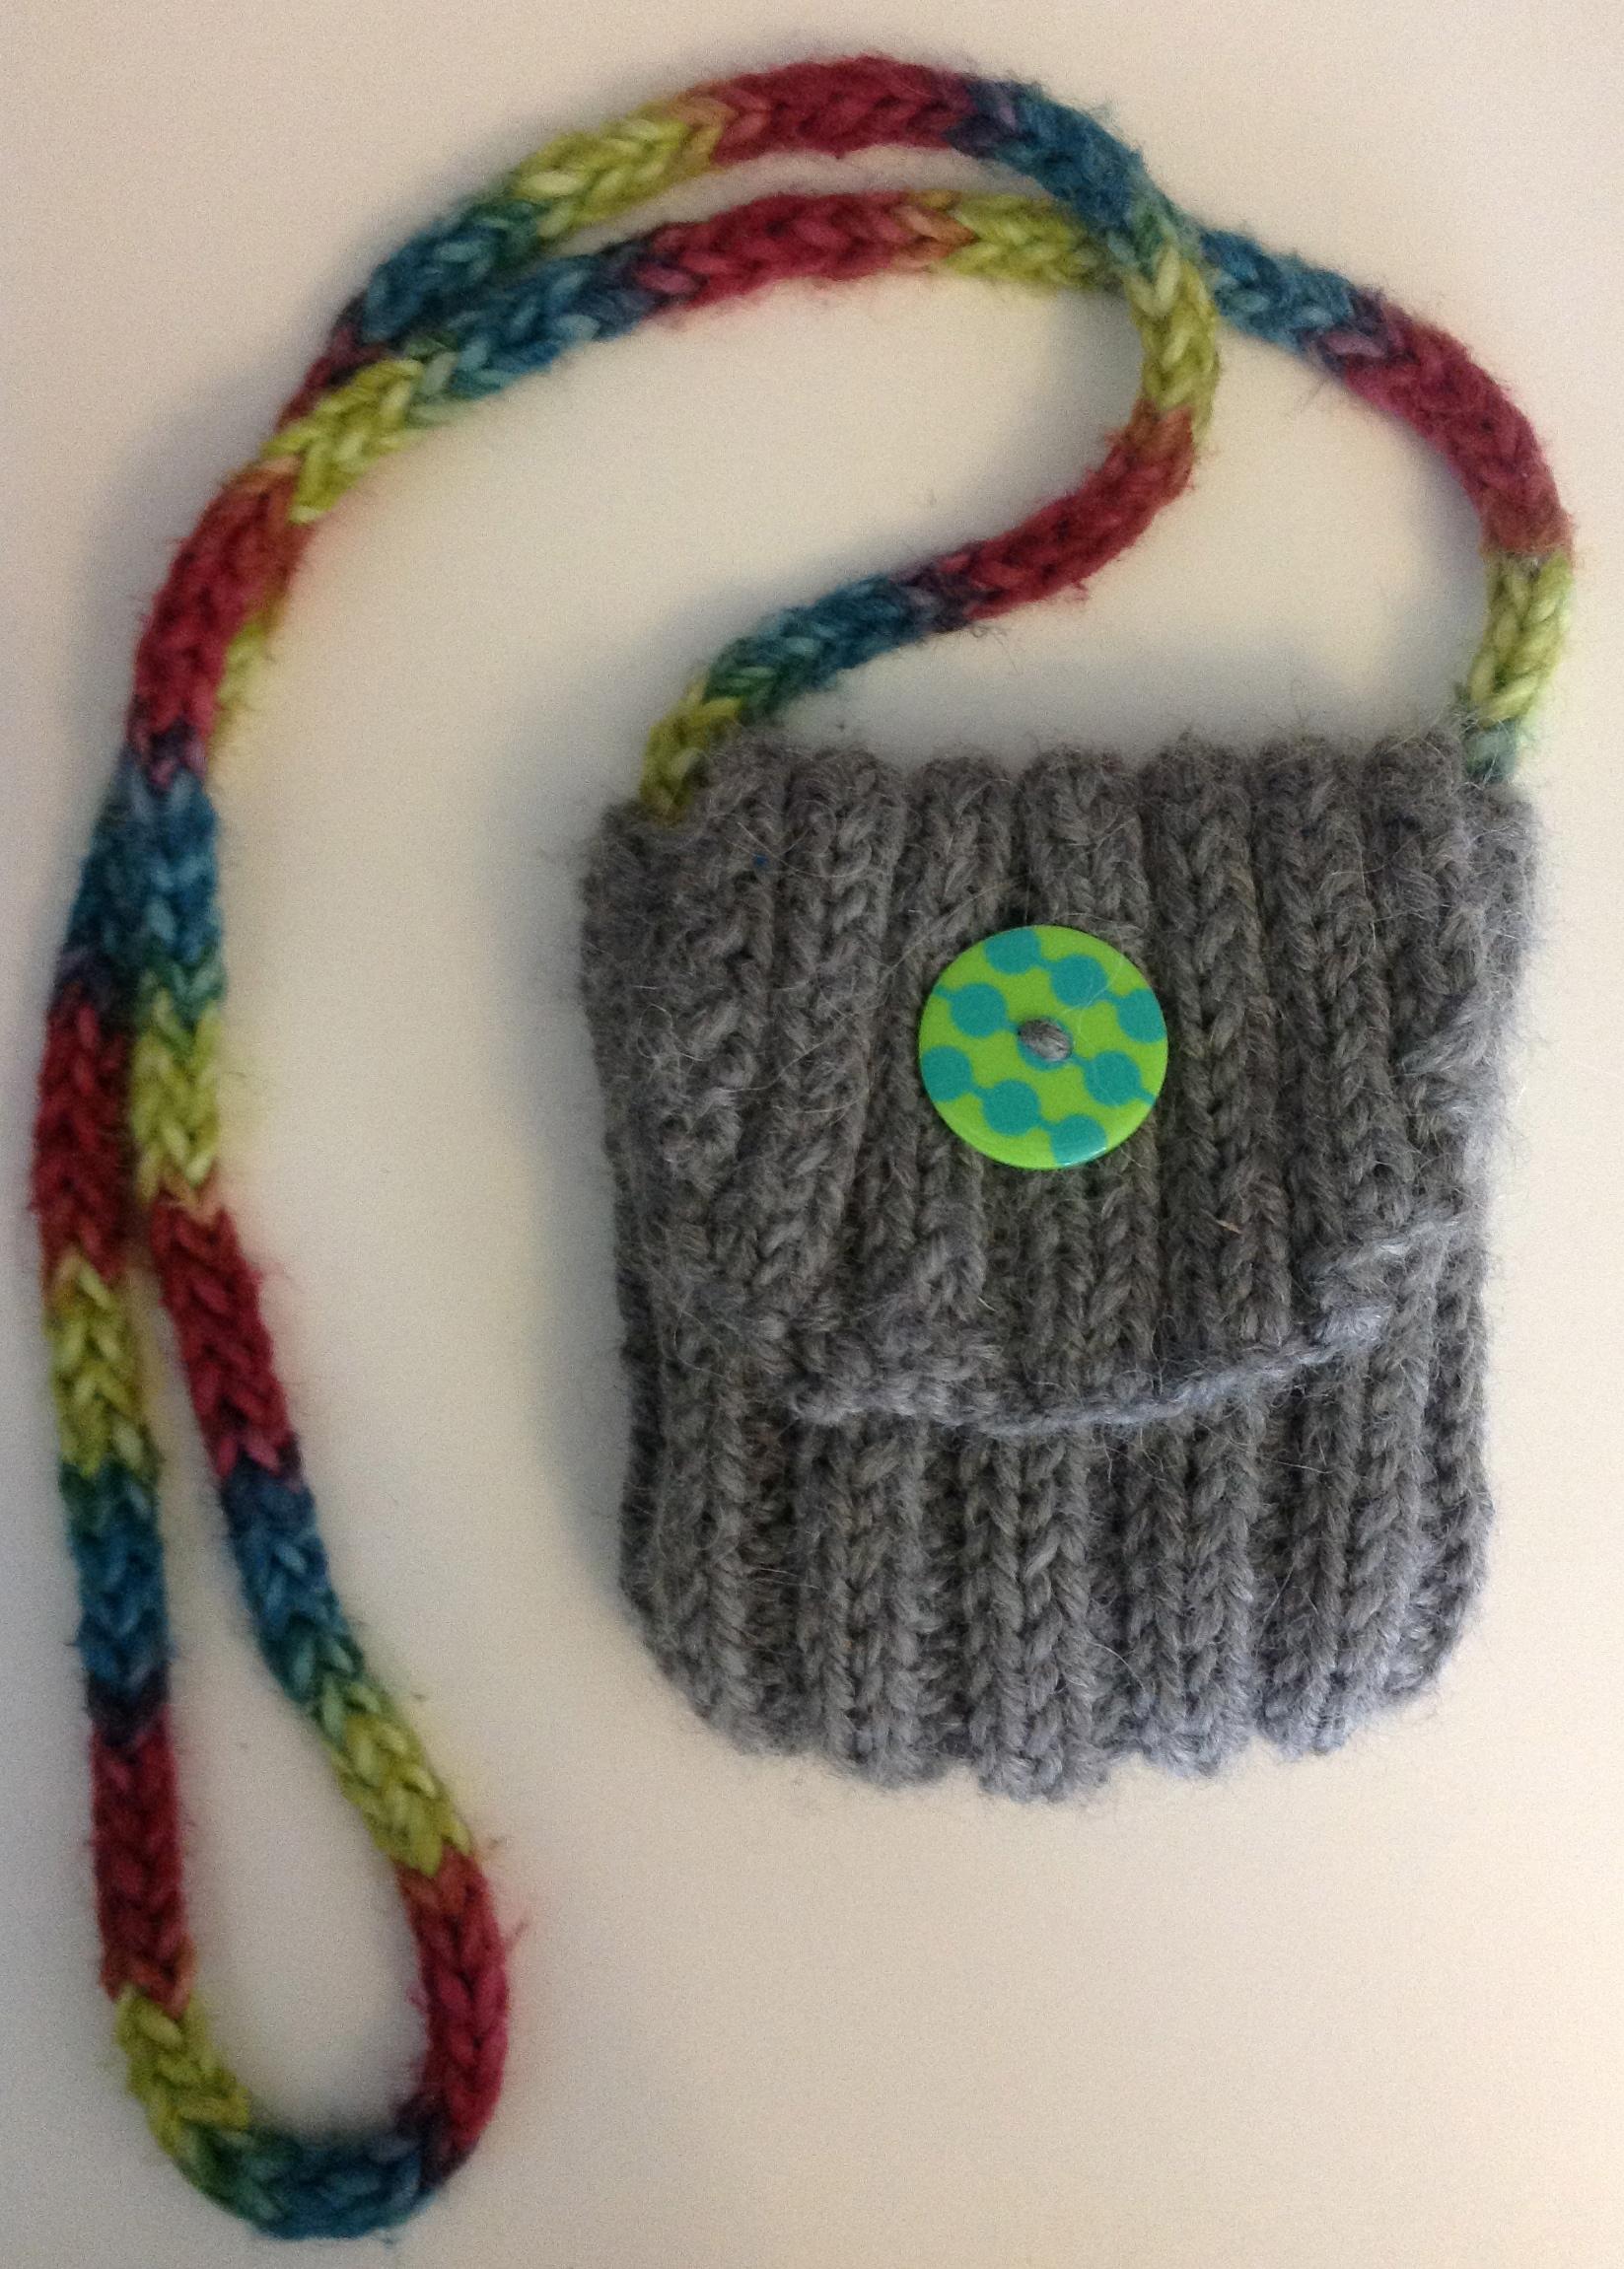 Karole Kurnow Small Knitted Bag.jpg